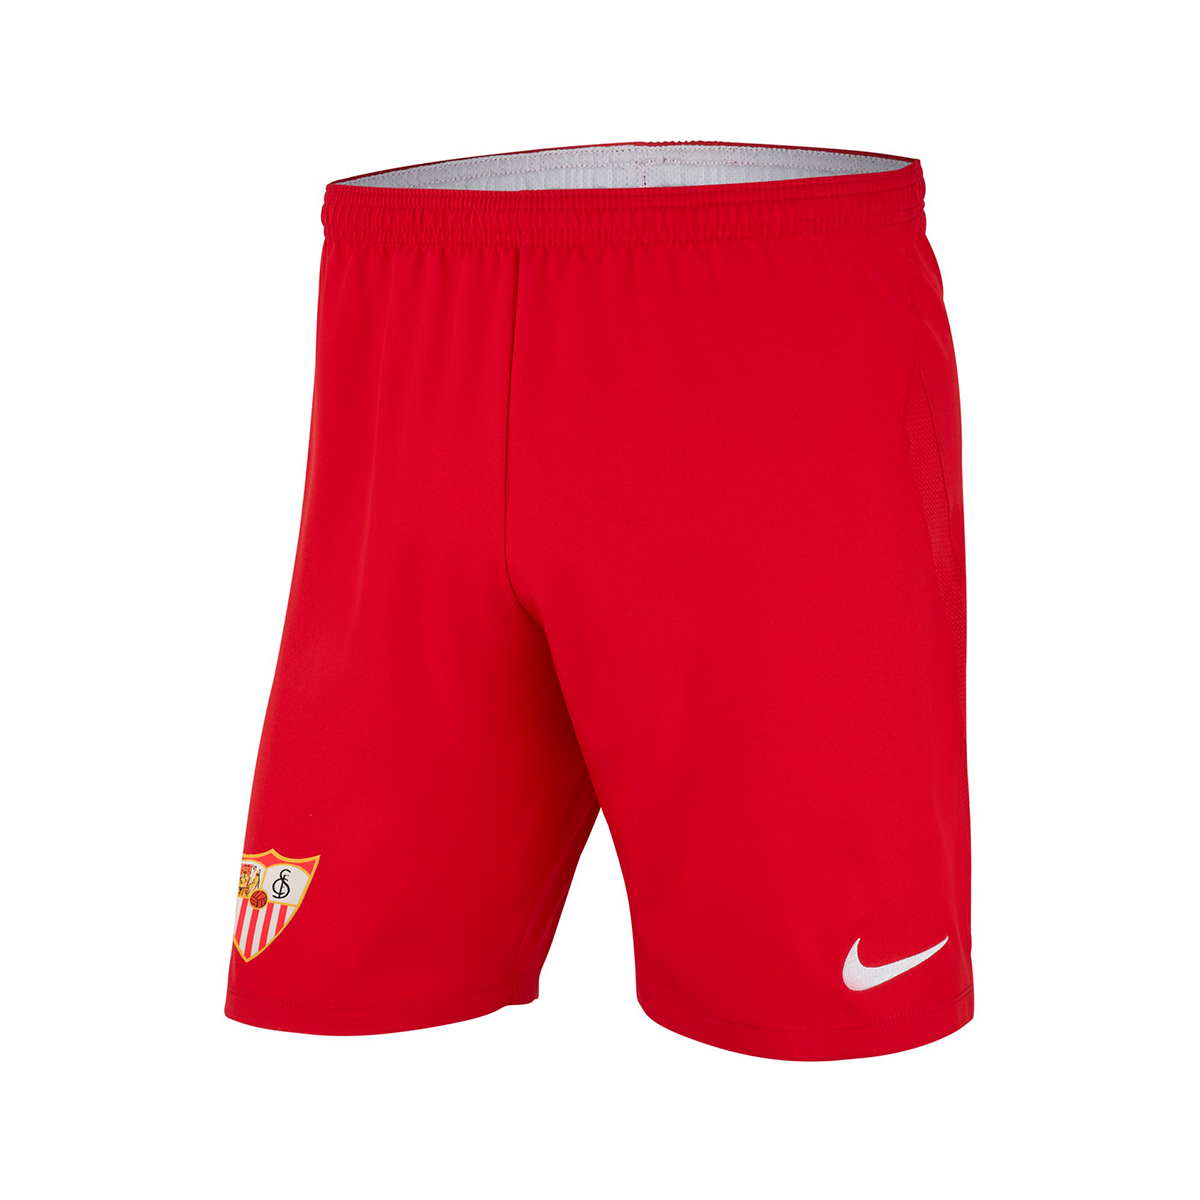 Pantaloncini Nike Sevilla FC Secondo completo 2019 2020